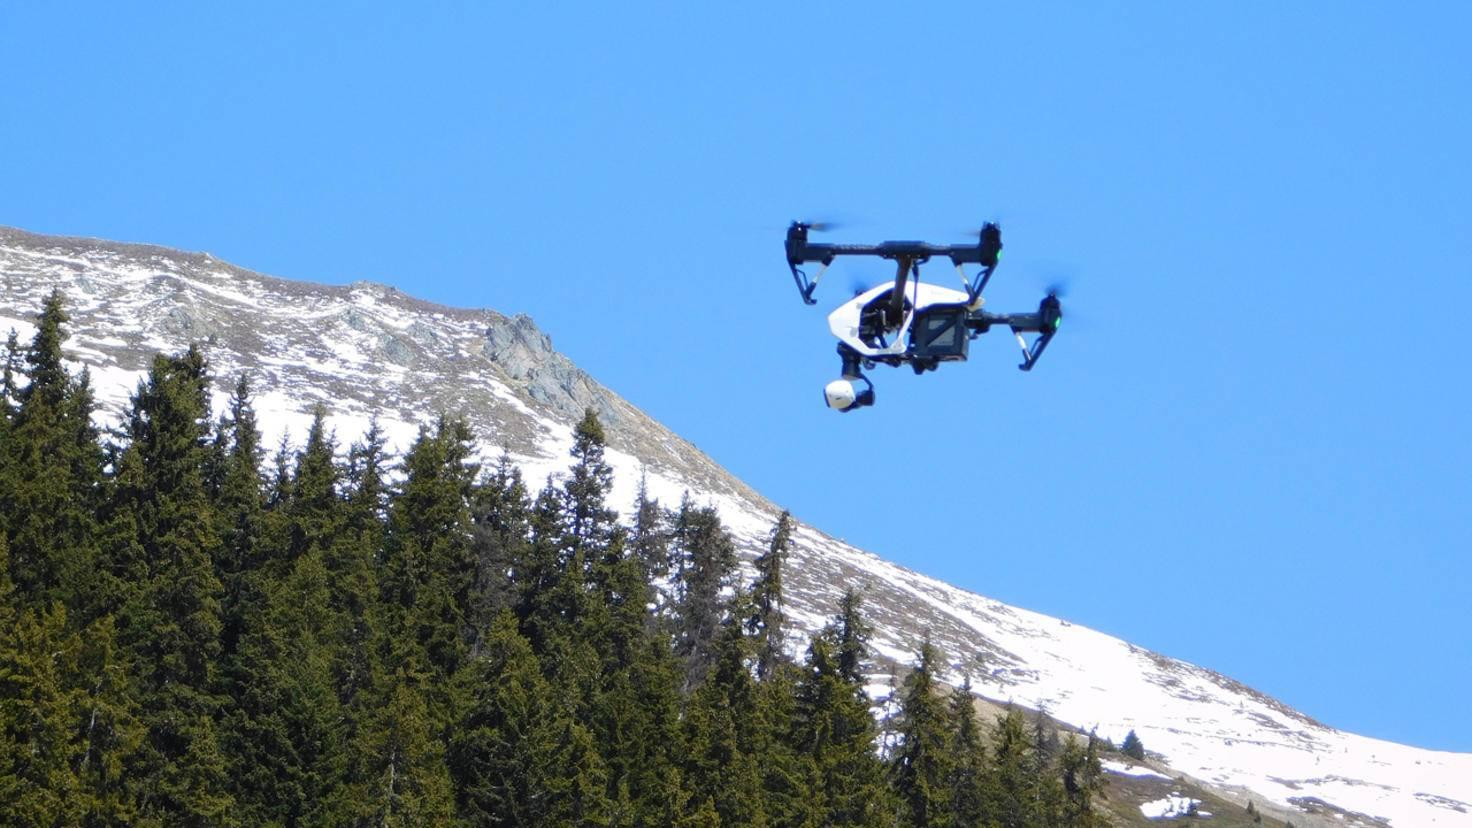 Strahlender Sonnenschein, blauer Himmel – perfekte Bedingungen für einen Drohnenflug!